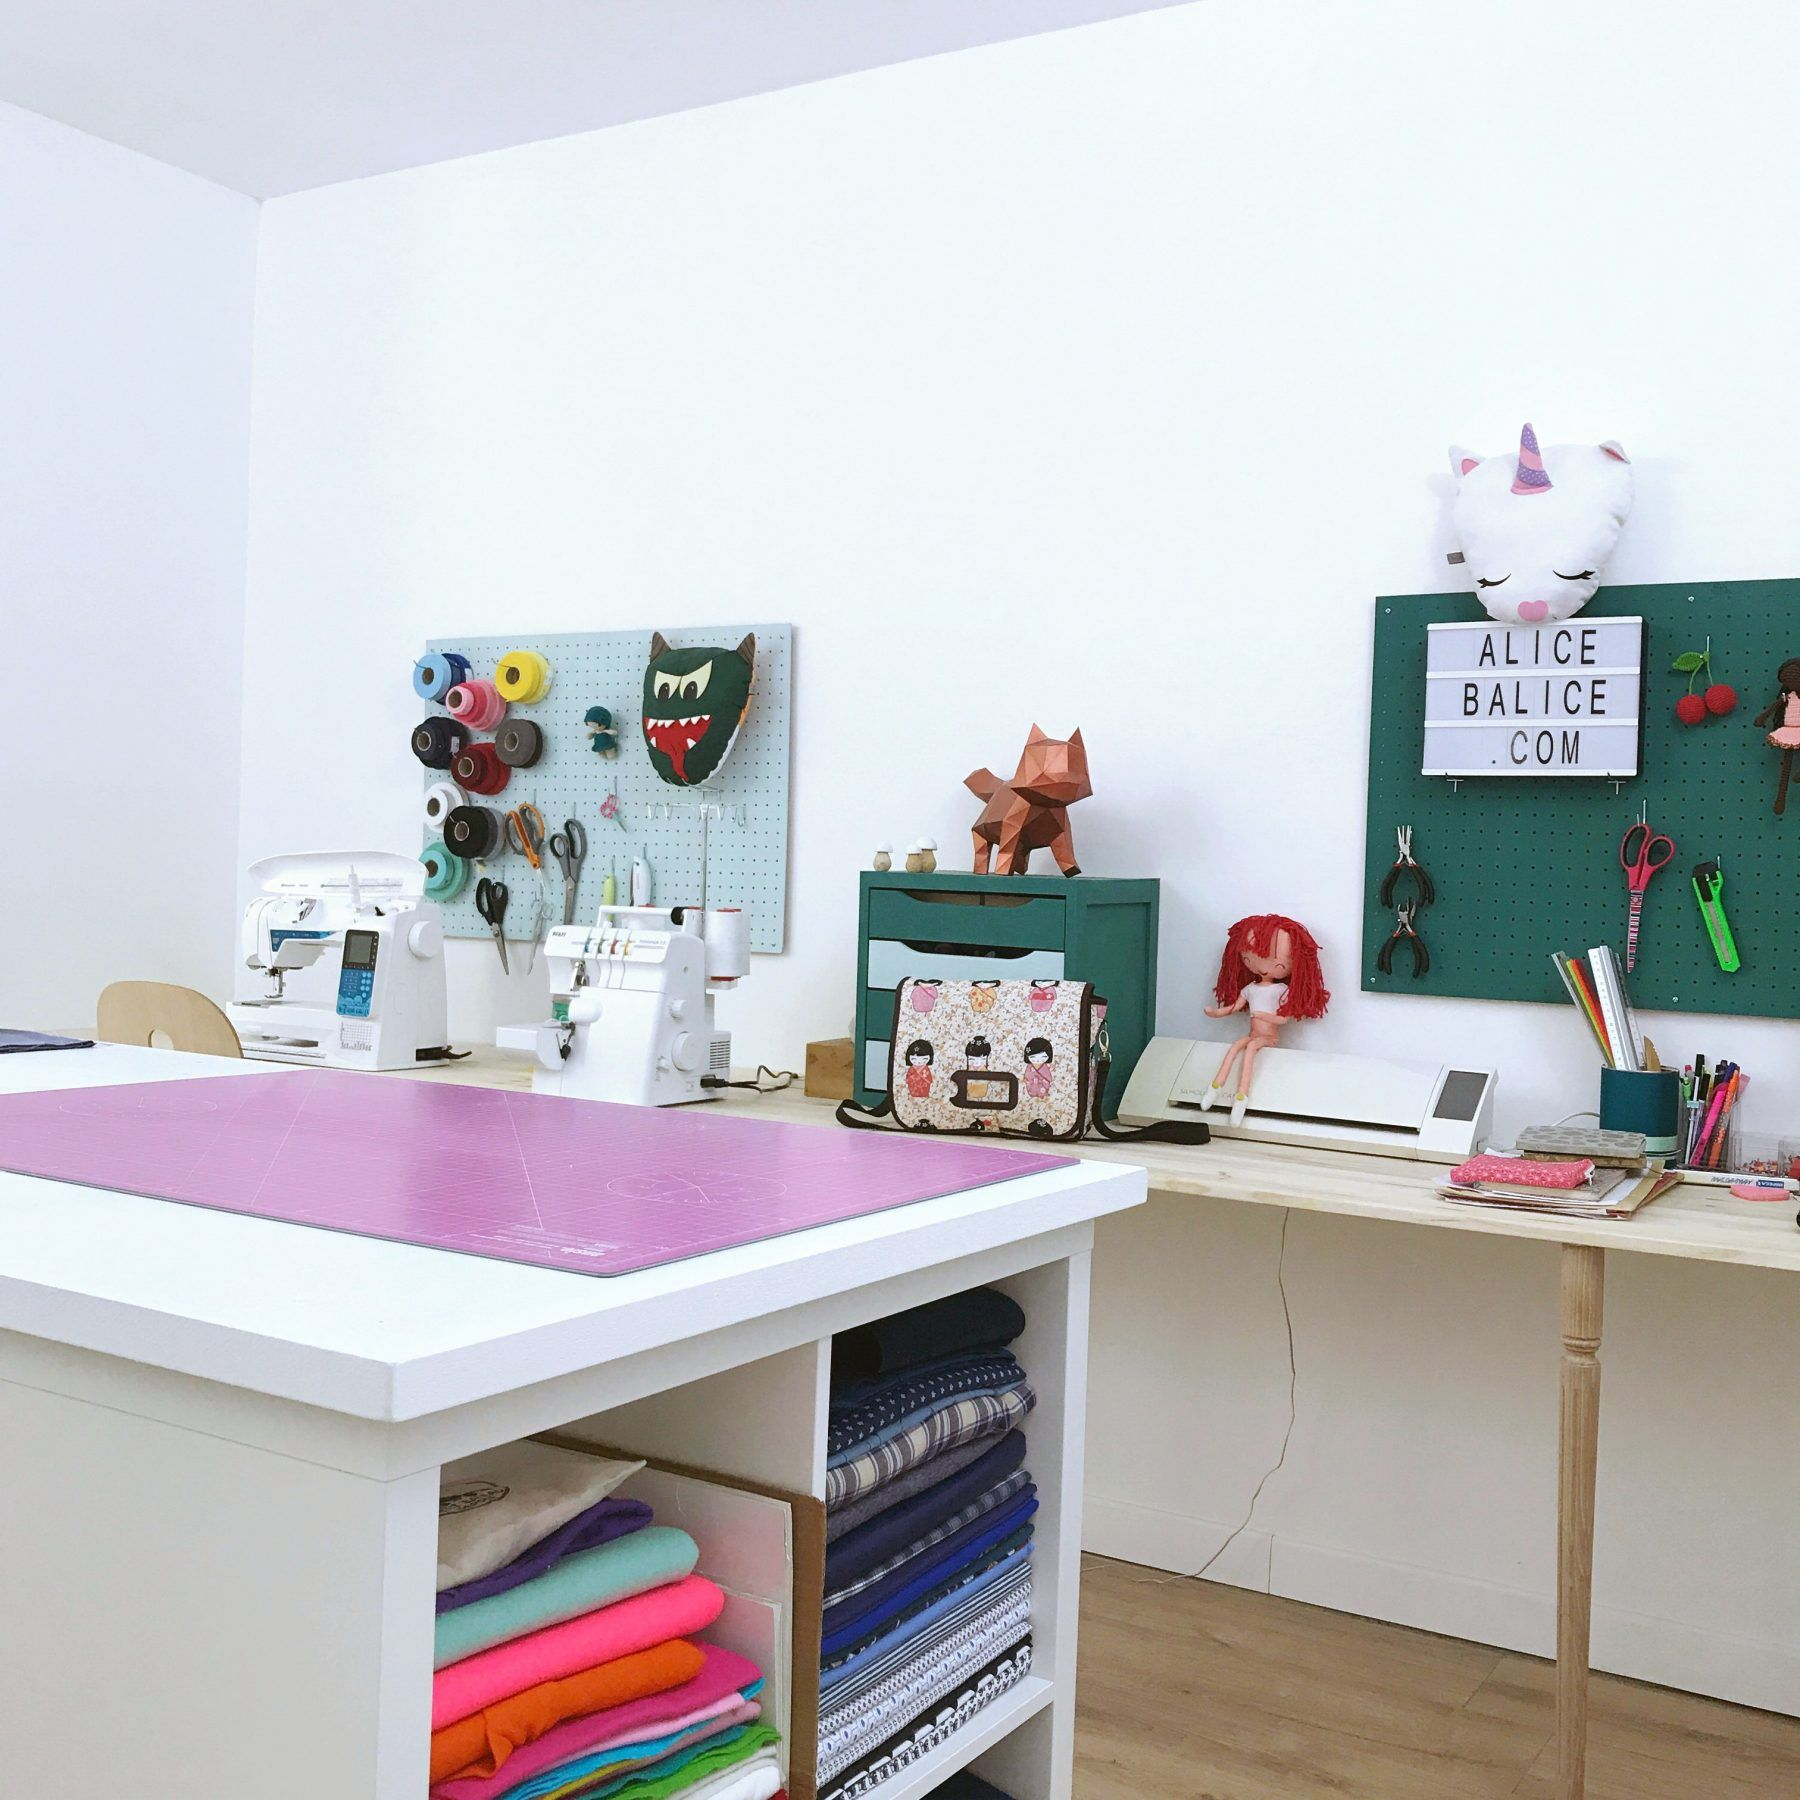 Avoir Un Atelier Cr Atif (Une Craft Room Comme Disent